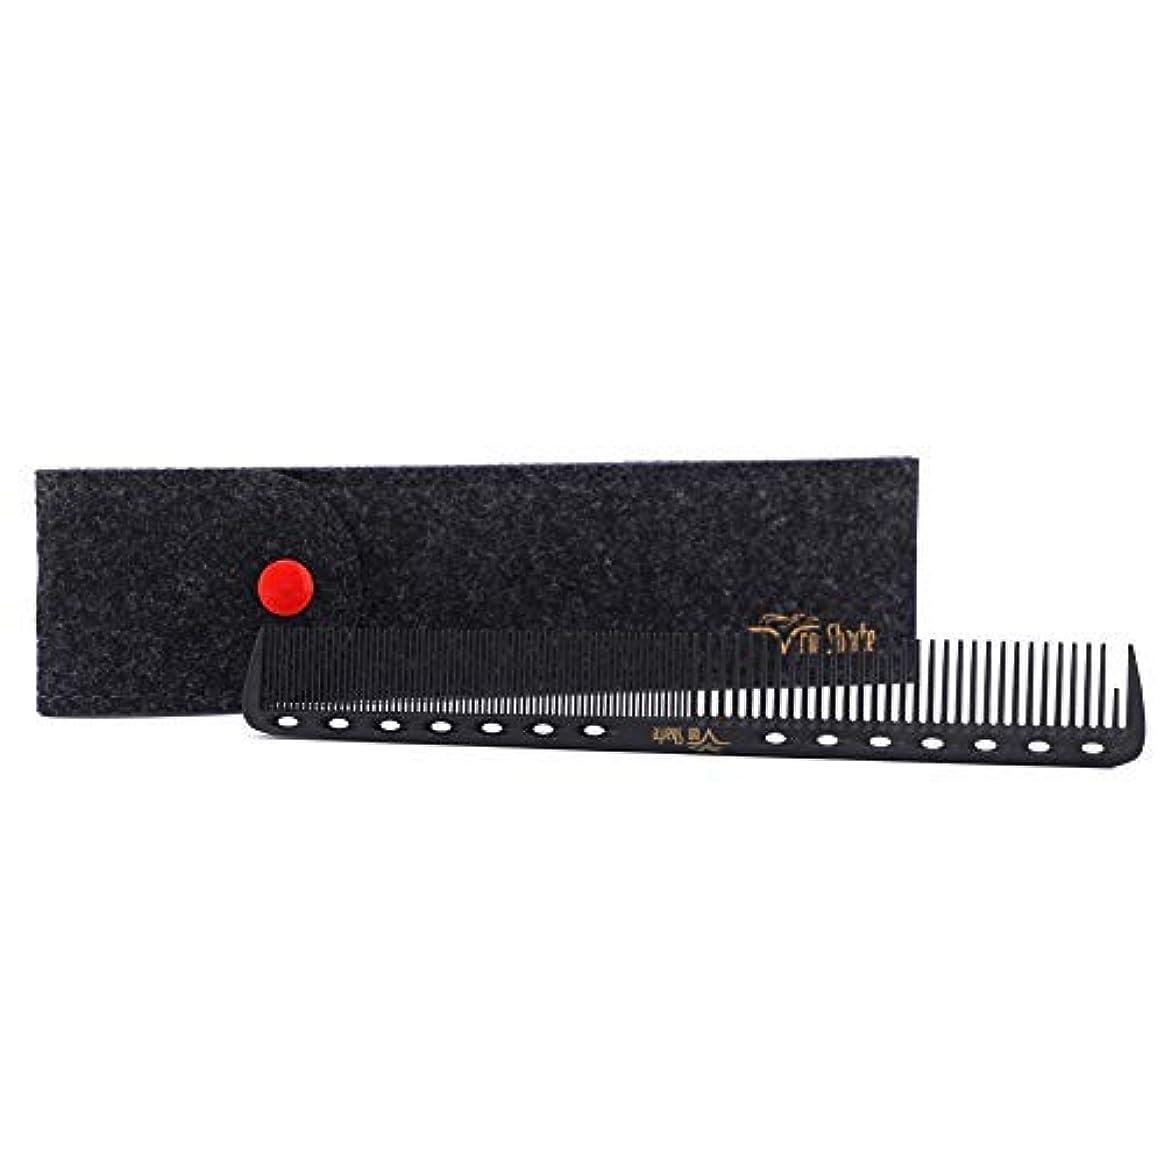 しおれた取り戻す船乗りBarber Comb,Hair Cutting Combs Carbon Fiber Salon Hairdressing Comb 100% Anti Static 230℃ Heat Resistant with...